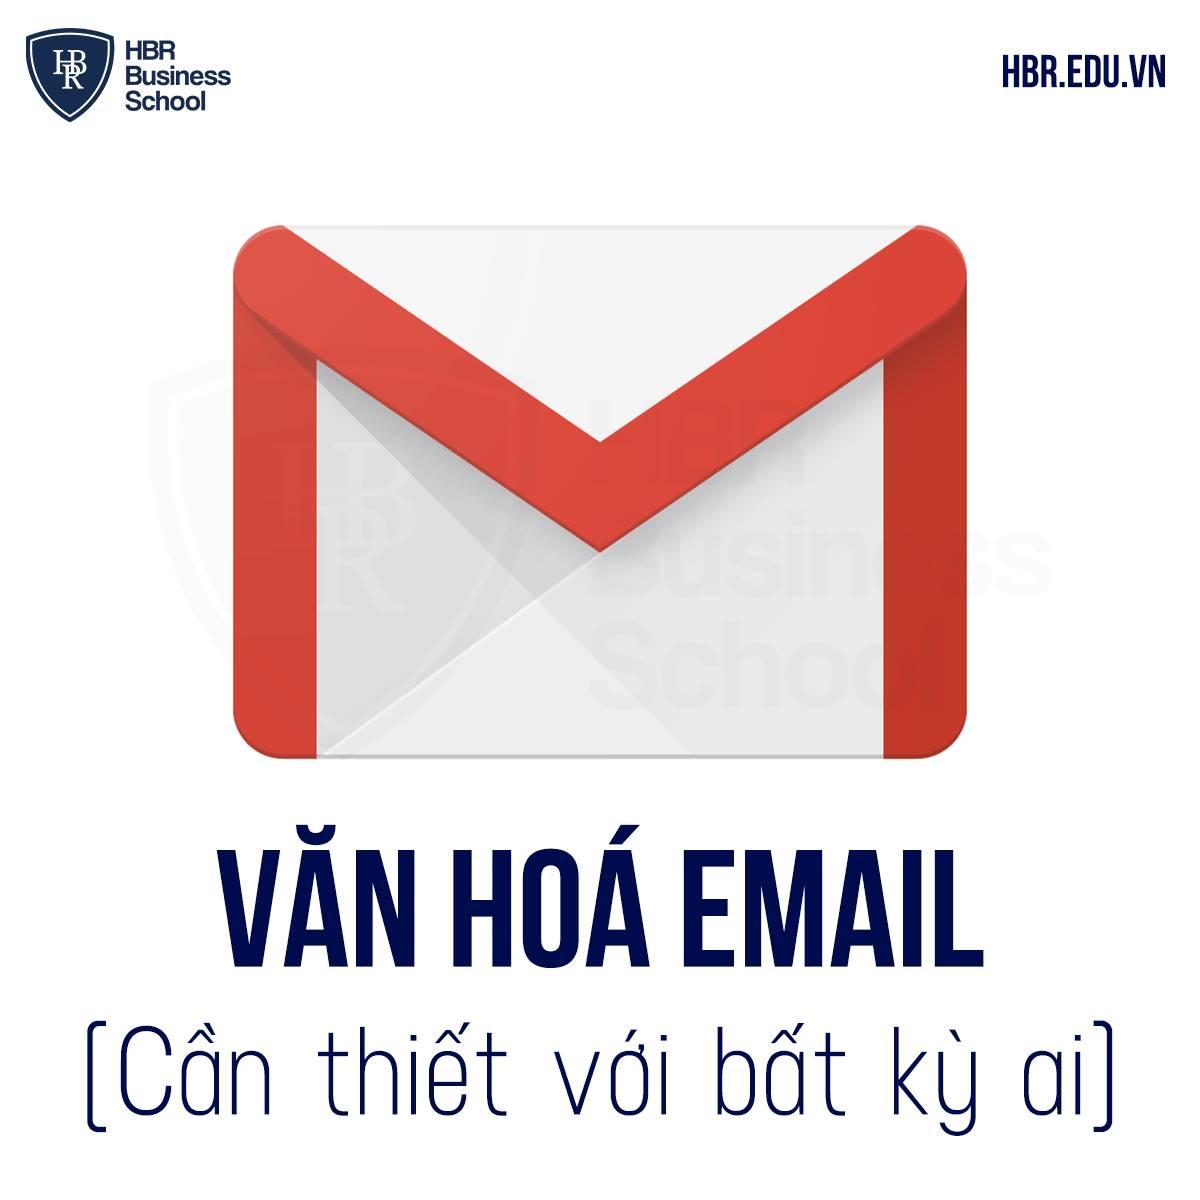 Văn hoá Email cần thiết với bất kỳ ai